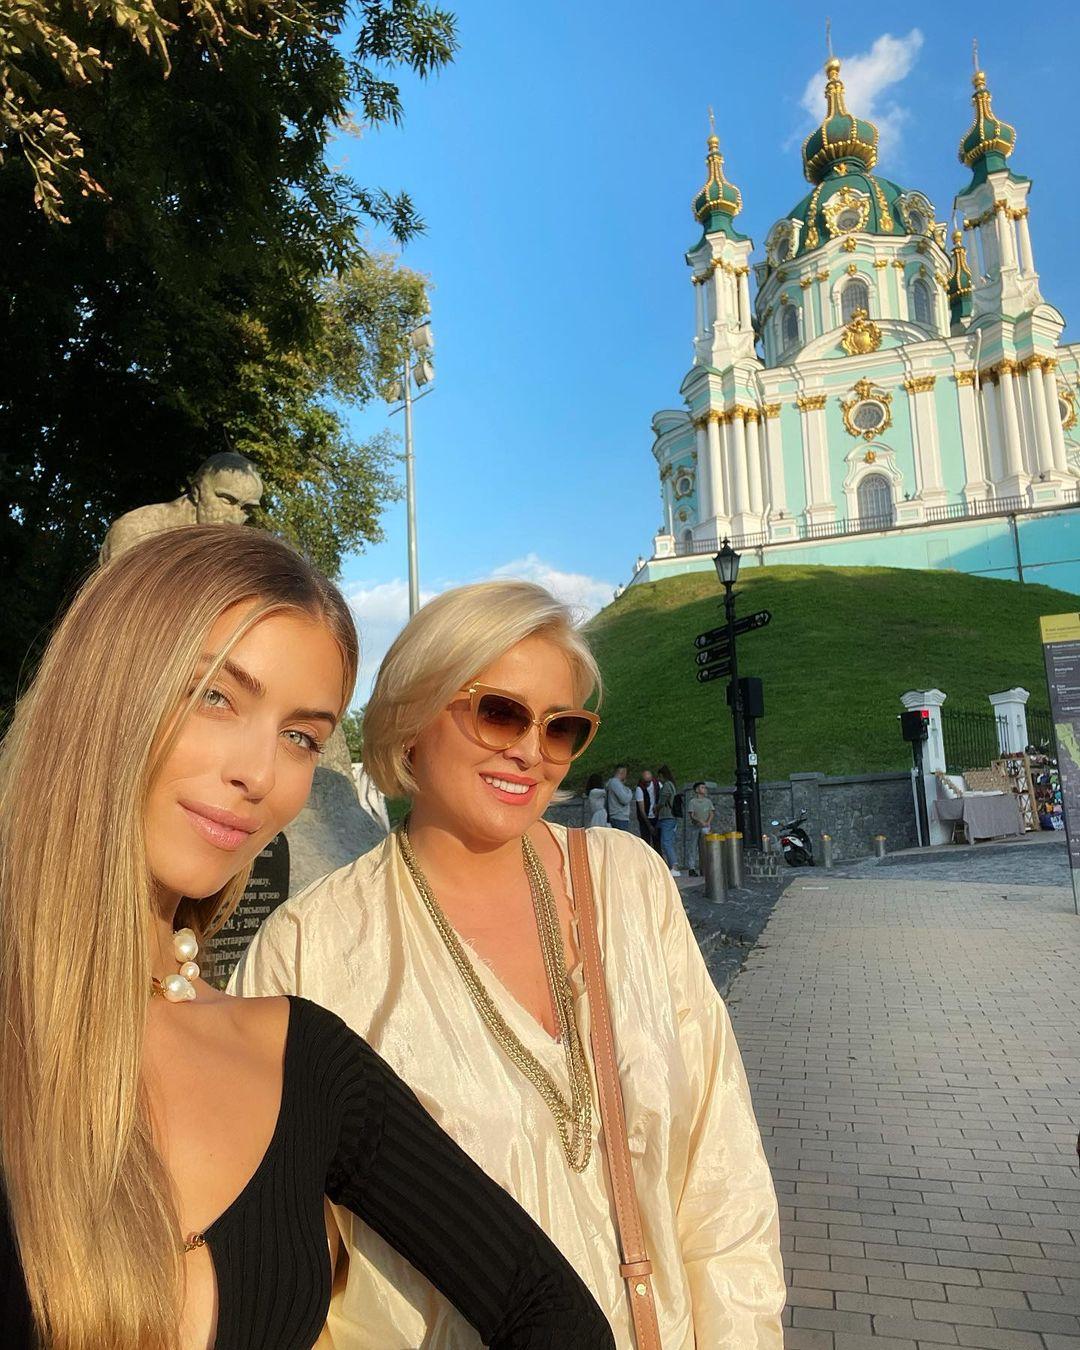 Внучка Ротару без білизни в пікантному топі засвітилася в центрі Києва